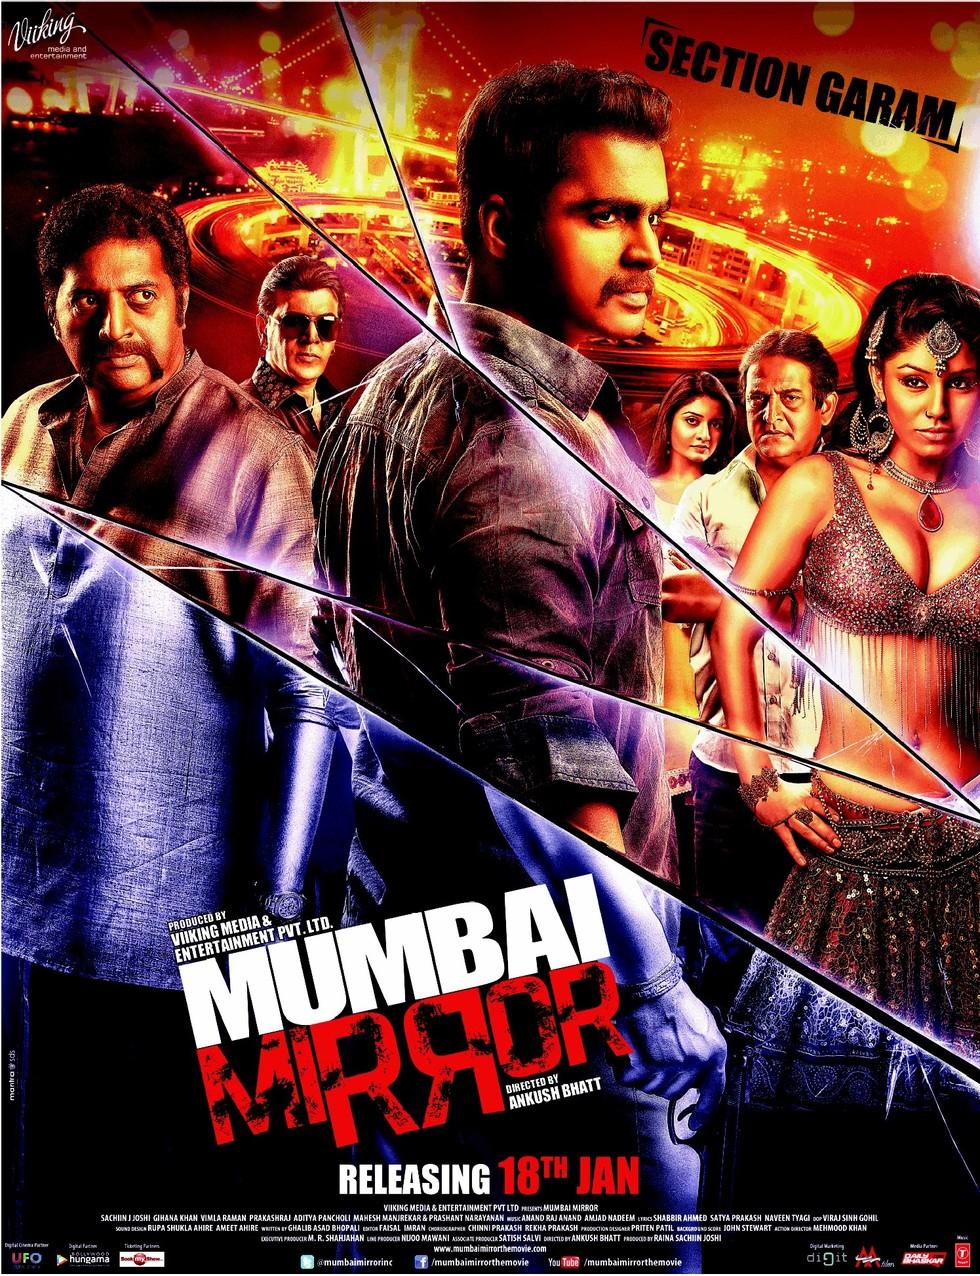 Mumbai Mirror - Movie Poster #1 (Large)